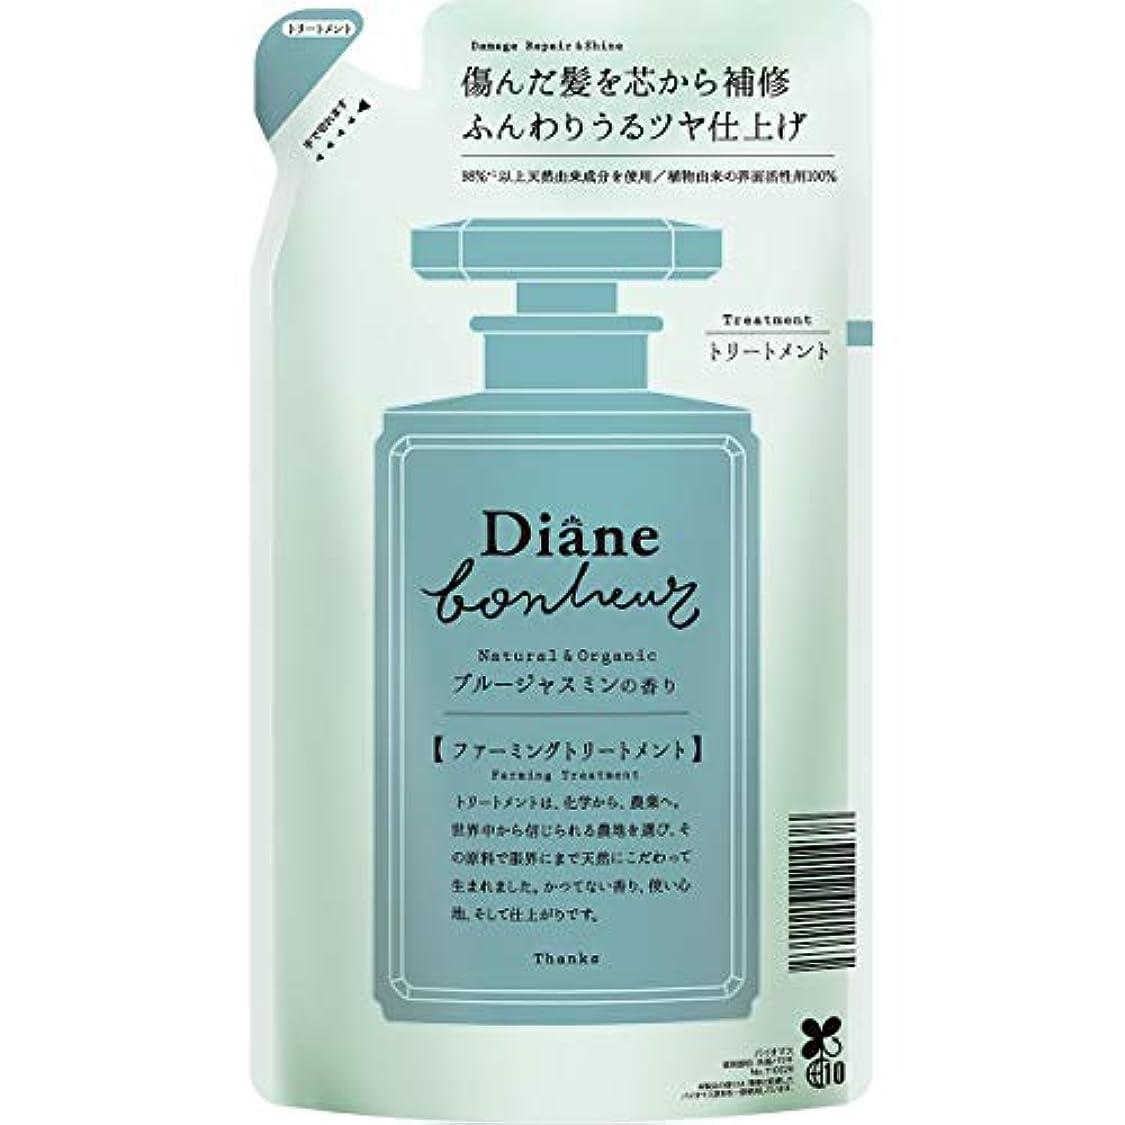 形状自分の力ですべてをする伝染性のダイアン ボヌール トリートメント ブルージャスミンの香り ダメージリペア&シャイン 詰め替え 400ml